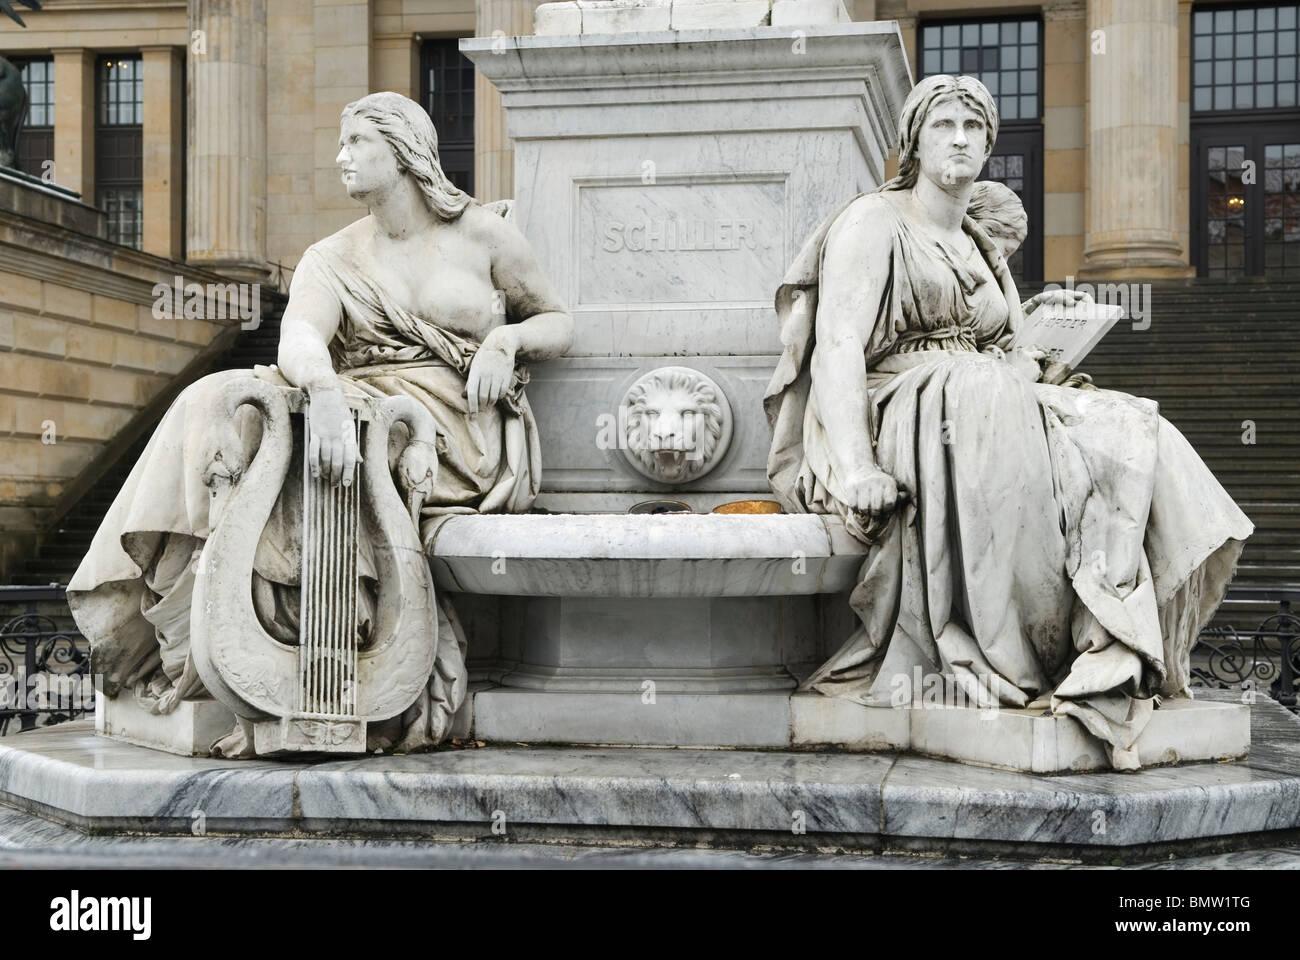 Allegorische Figur der Schiller Denkmal Geschichte Gendarmenmarkt Berlin-Deutschland Stockbild